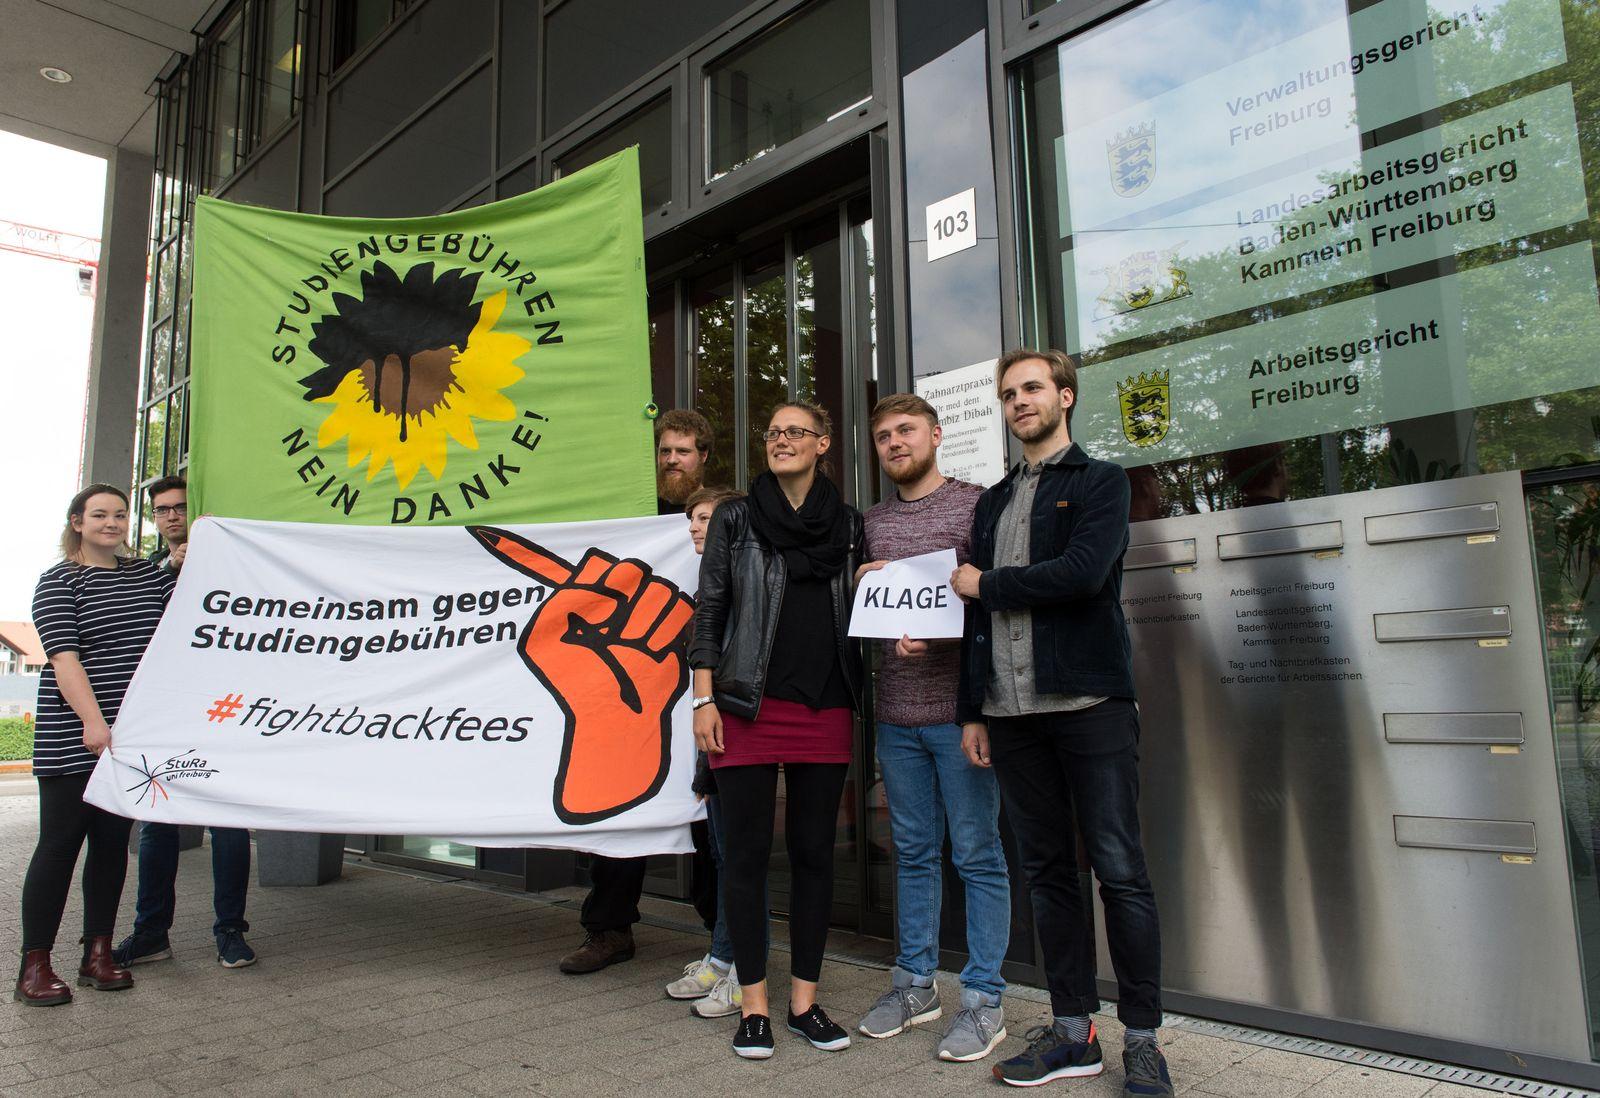 Klage gegen Studiengebühren in Freiburg